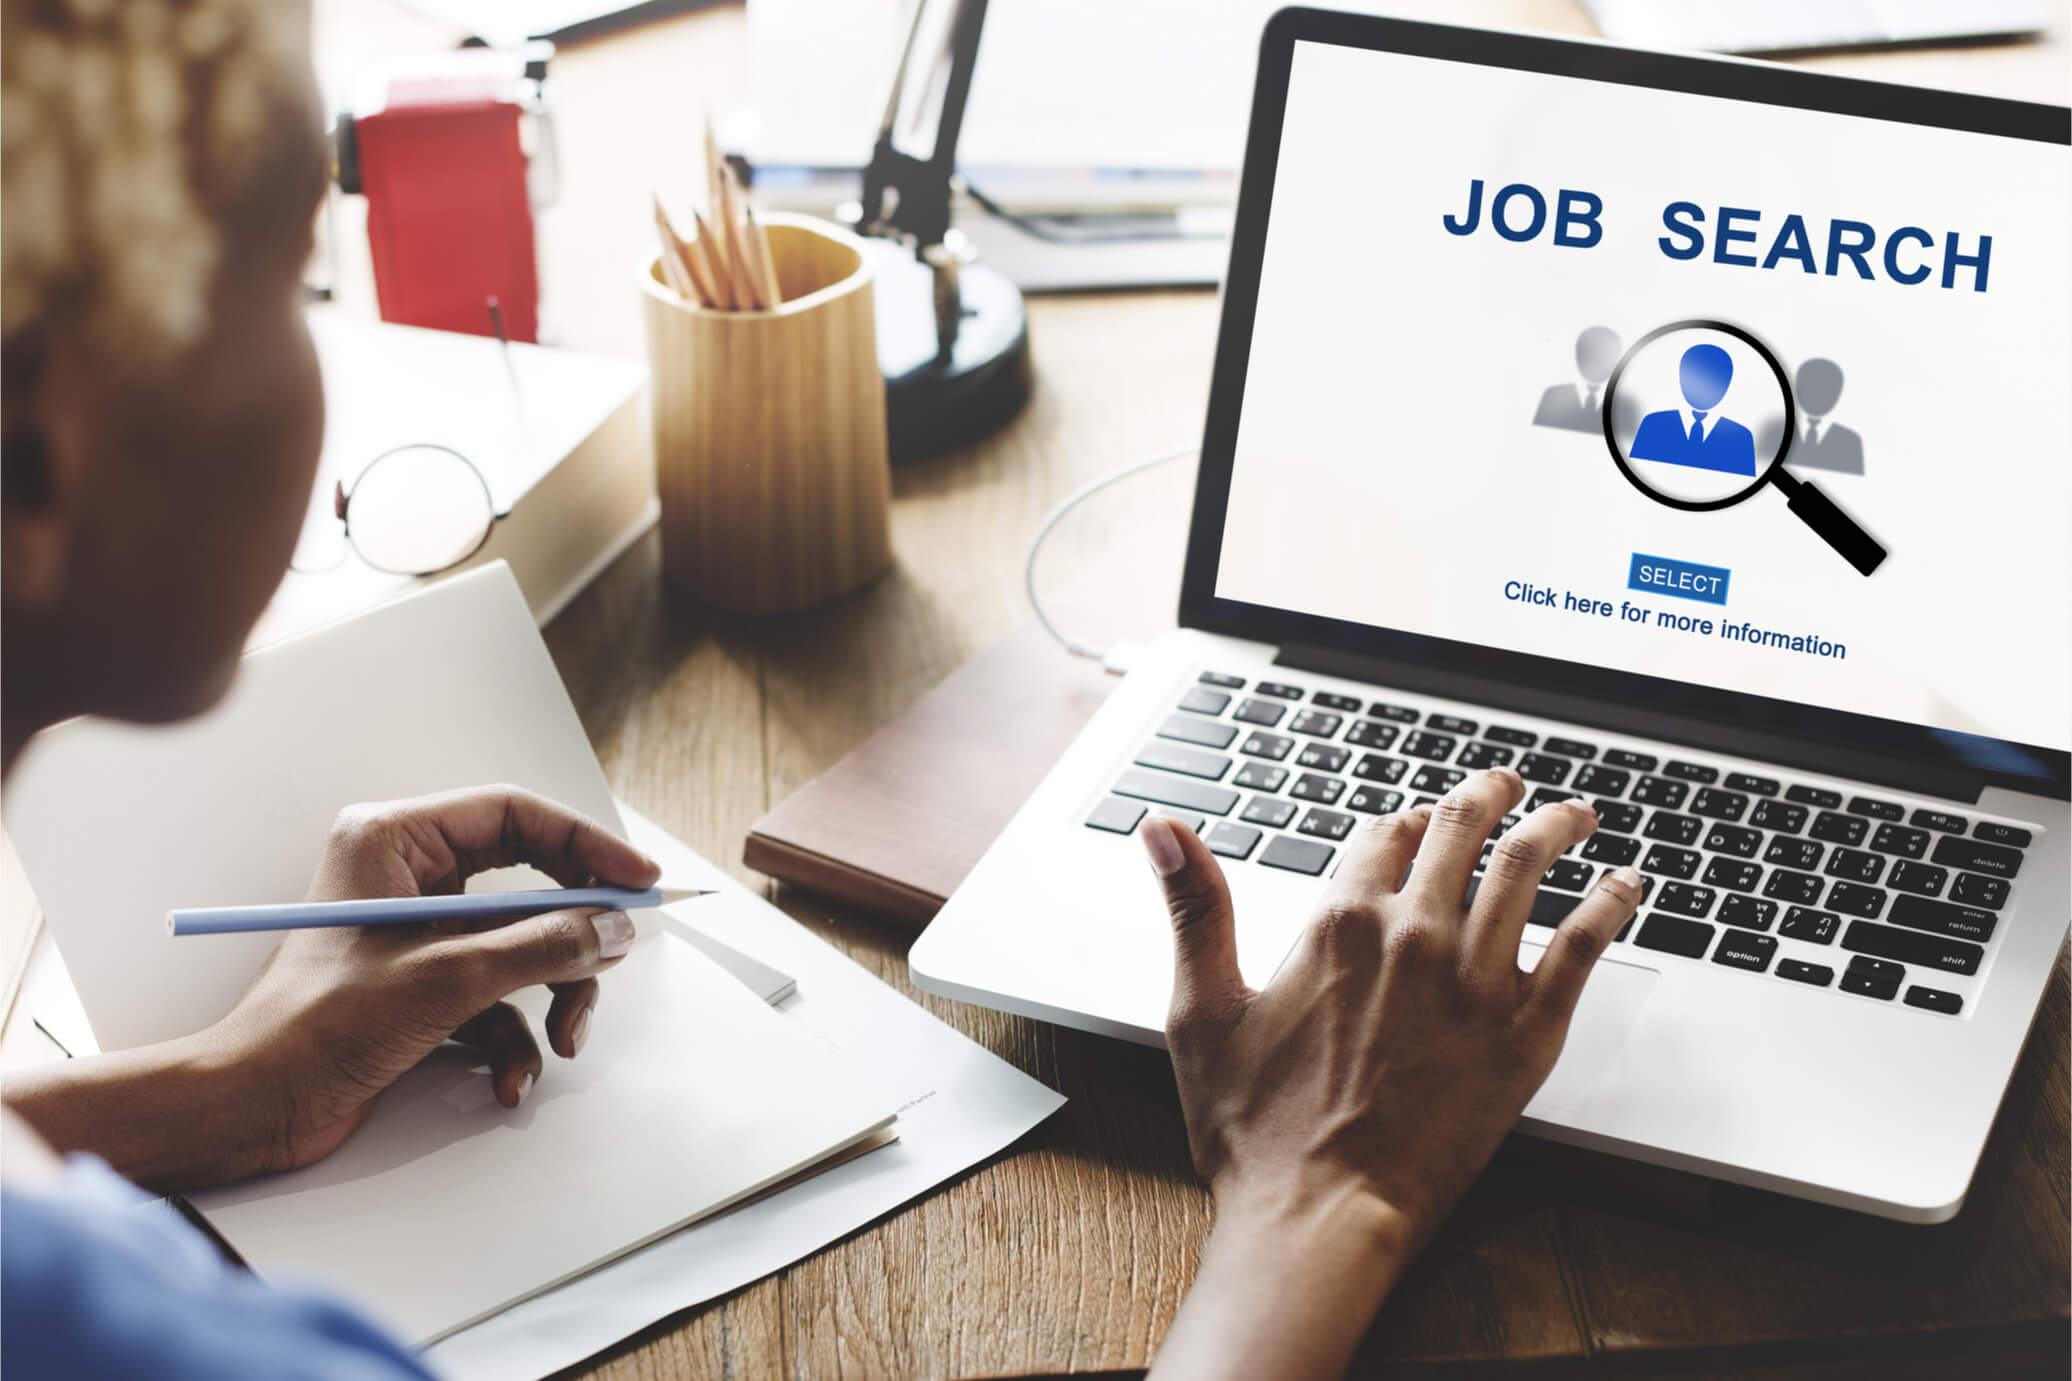 MPPSC Requirement 2021: VSA के 129 पद निकली भर्ती, आवेदन करने की ये है लास्ट डेट